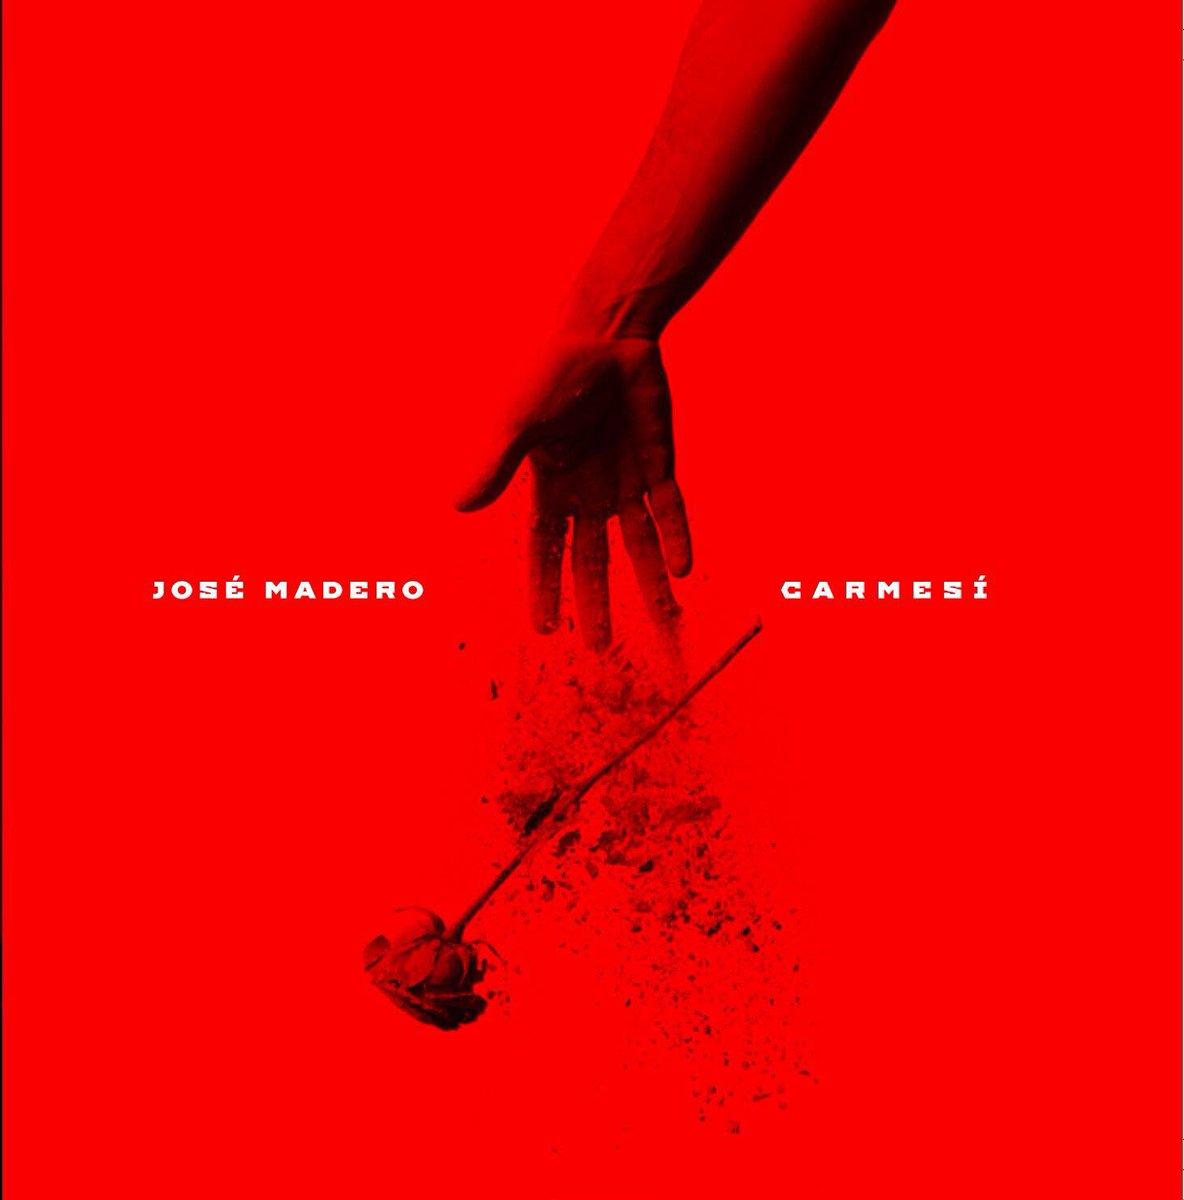 JOSE MADERO - CARMESI a la venta el prox 29 de abril. Primer sencillo sale el 8 de abril. Gracias a todos!